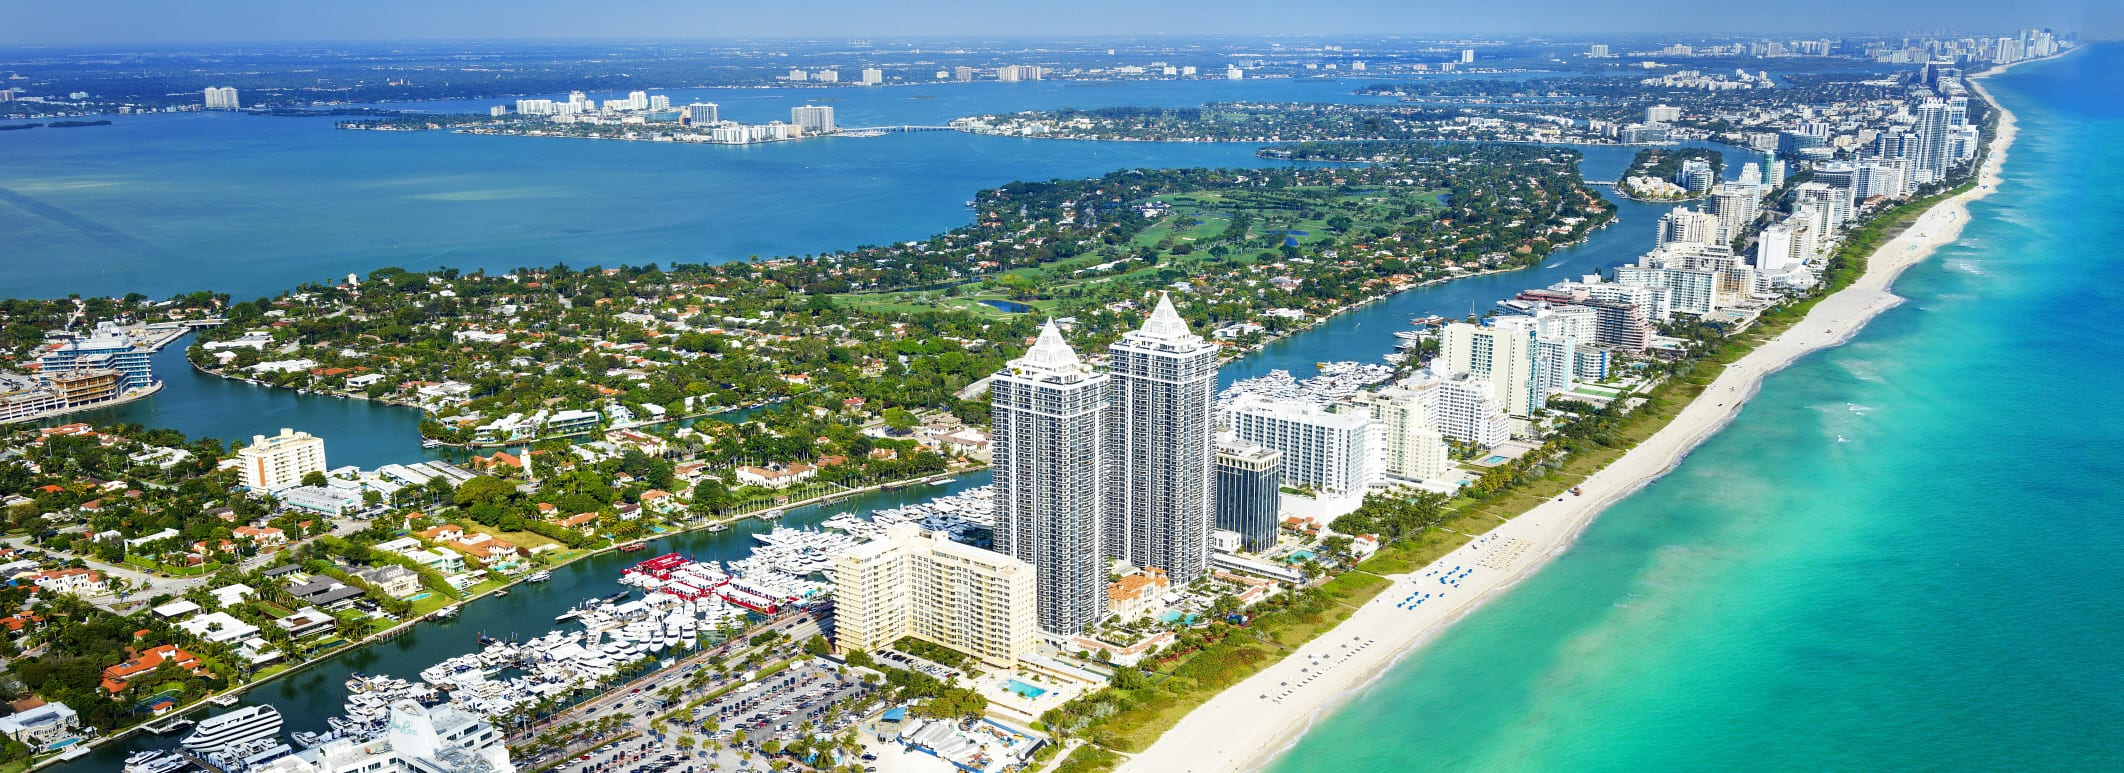 Reabren playa en Florida, EEUU supera los 700,000 contagios y Trump alienta protestas contra tres gobernadores